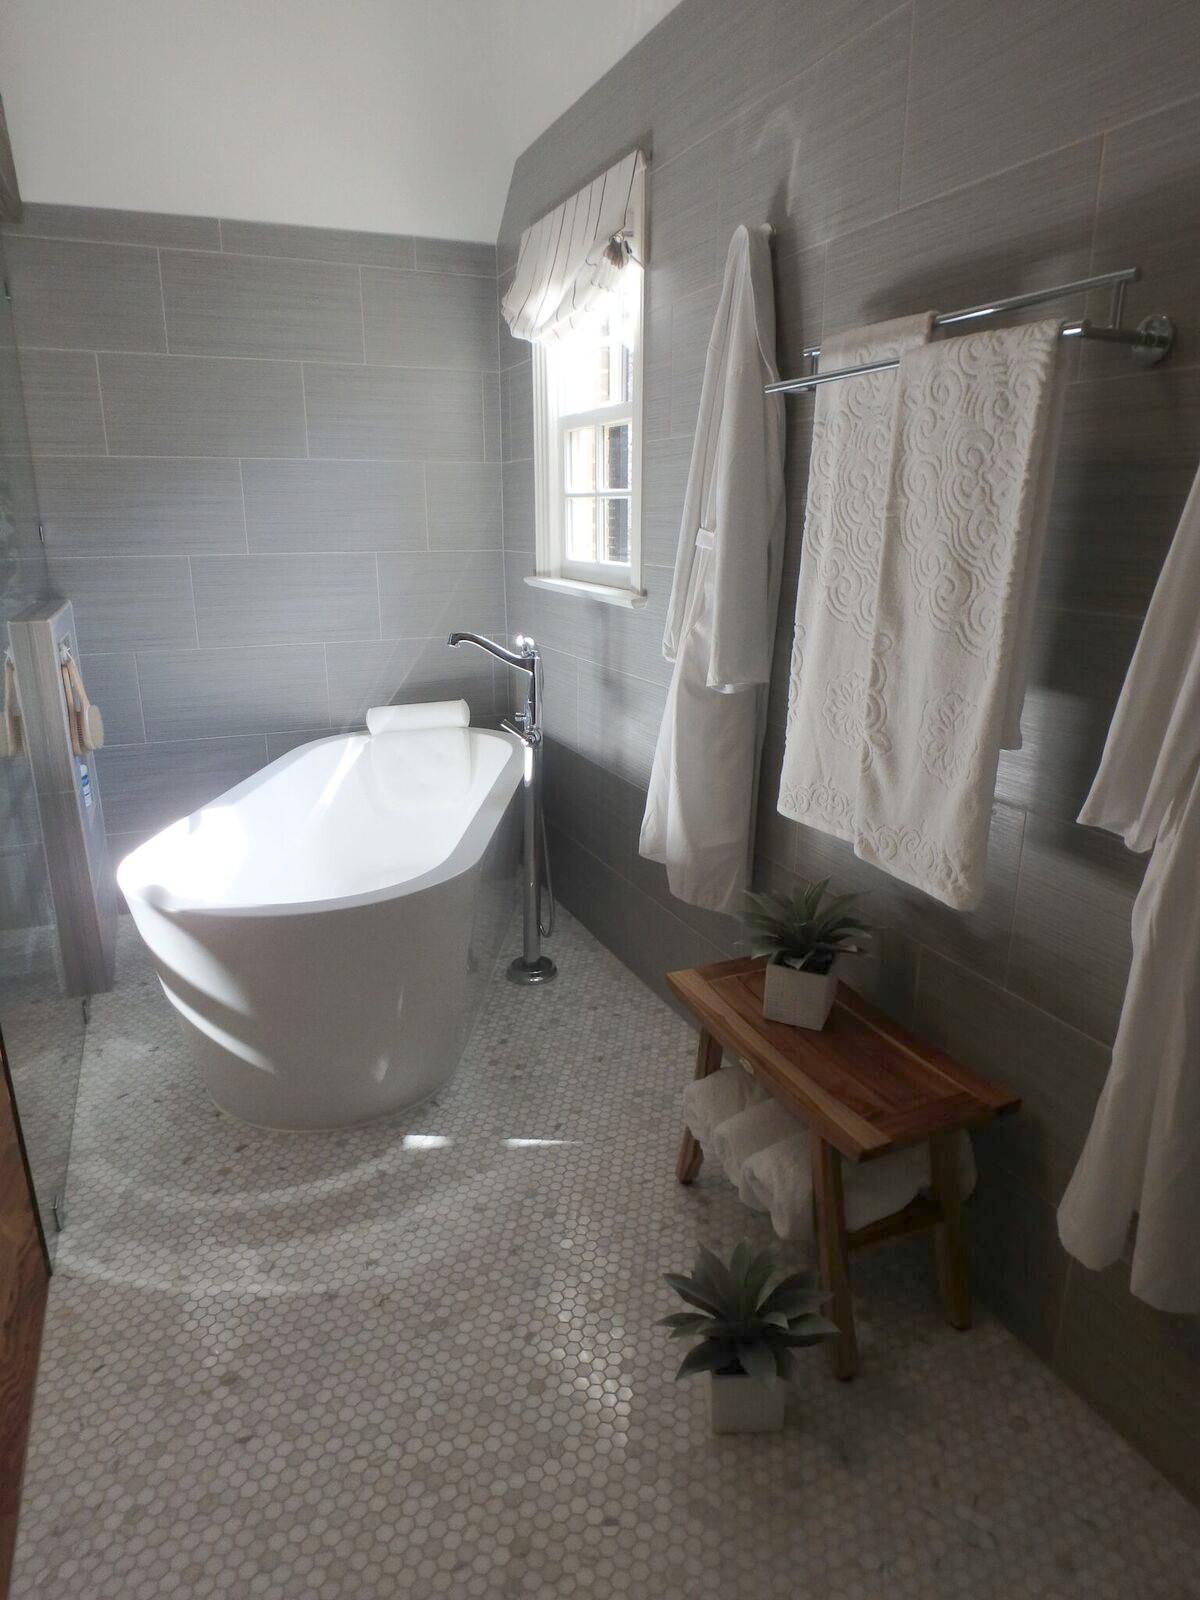 bath and towels.jpg